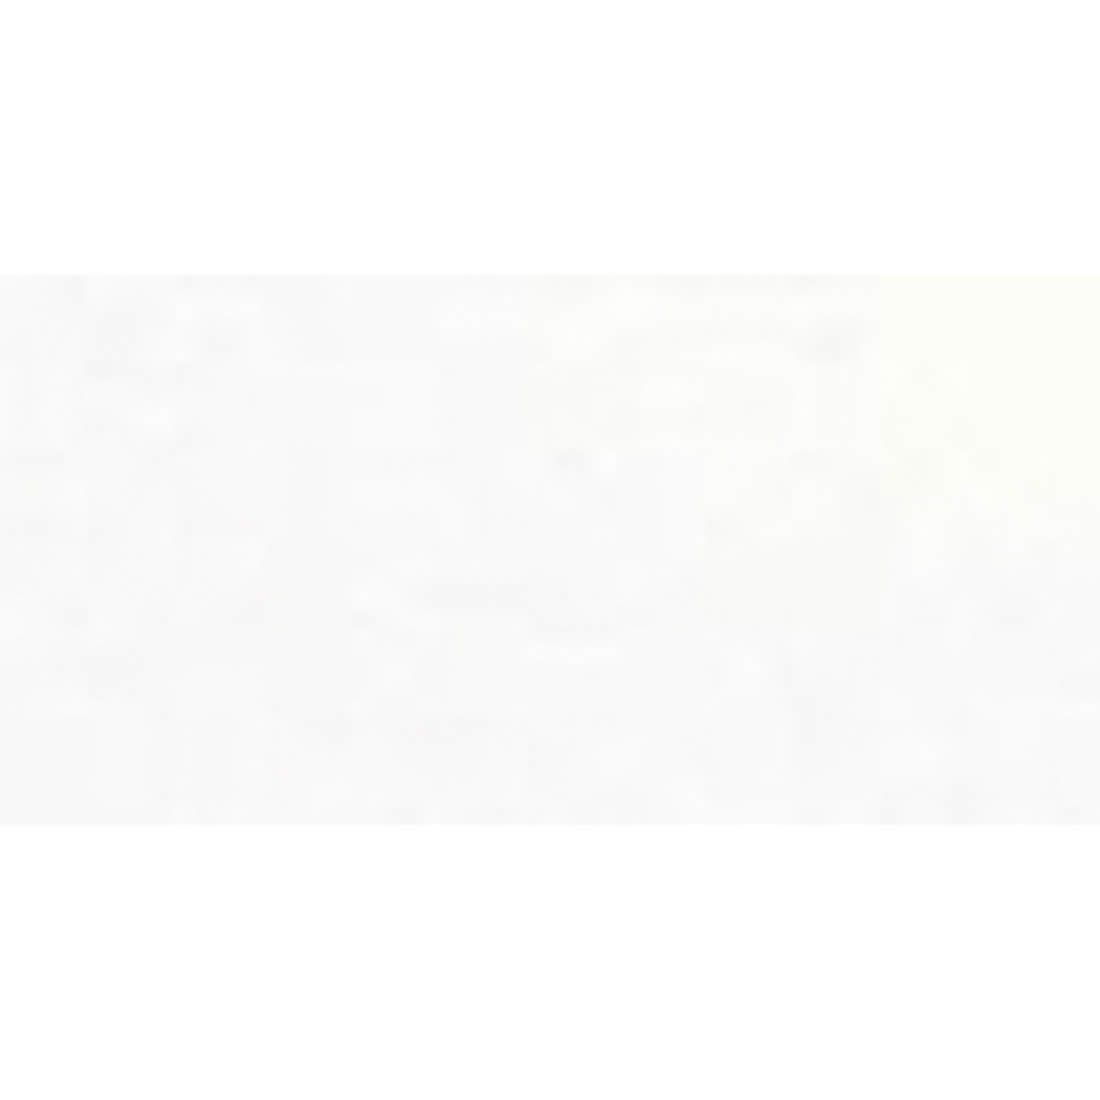 Porcelanato Portinari 29,1 x 58,4 White Plain Lux Ref 55361